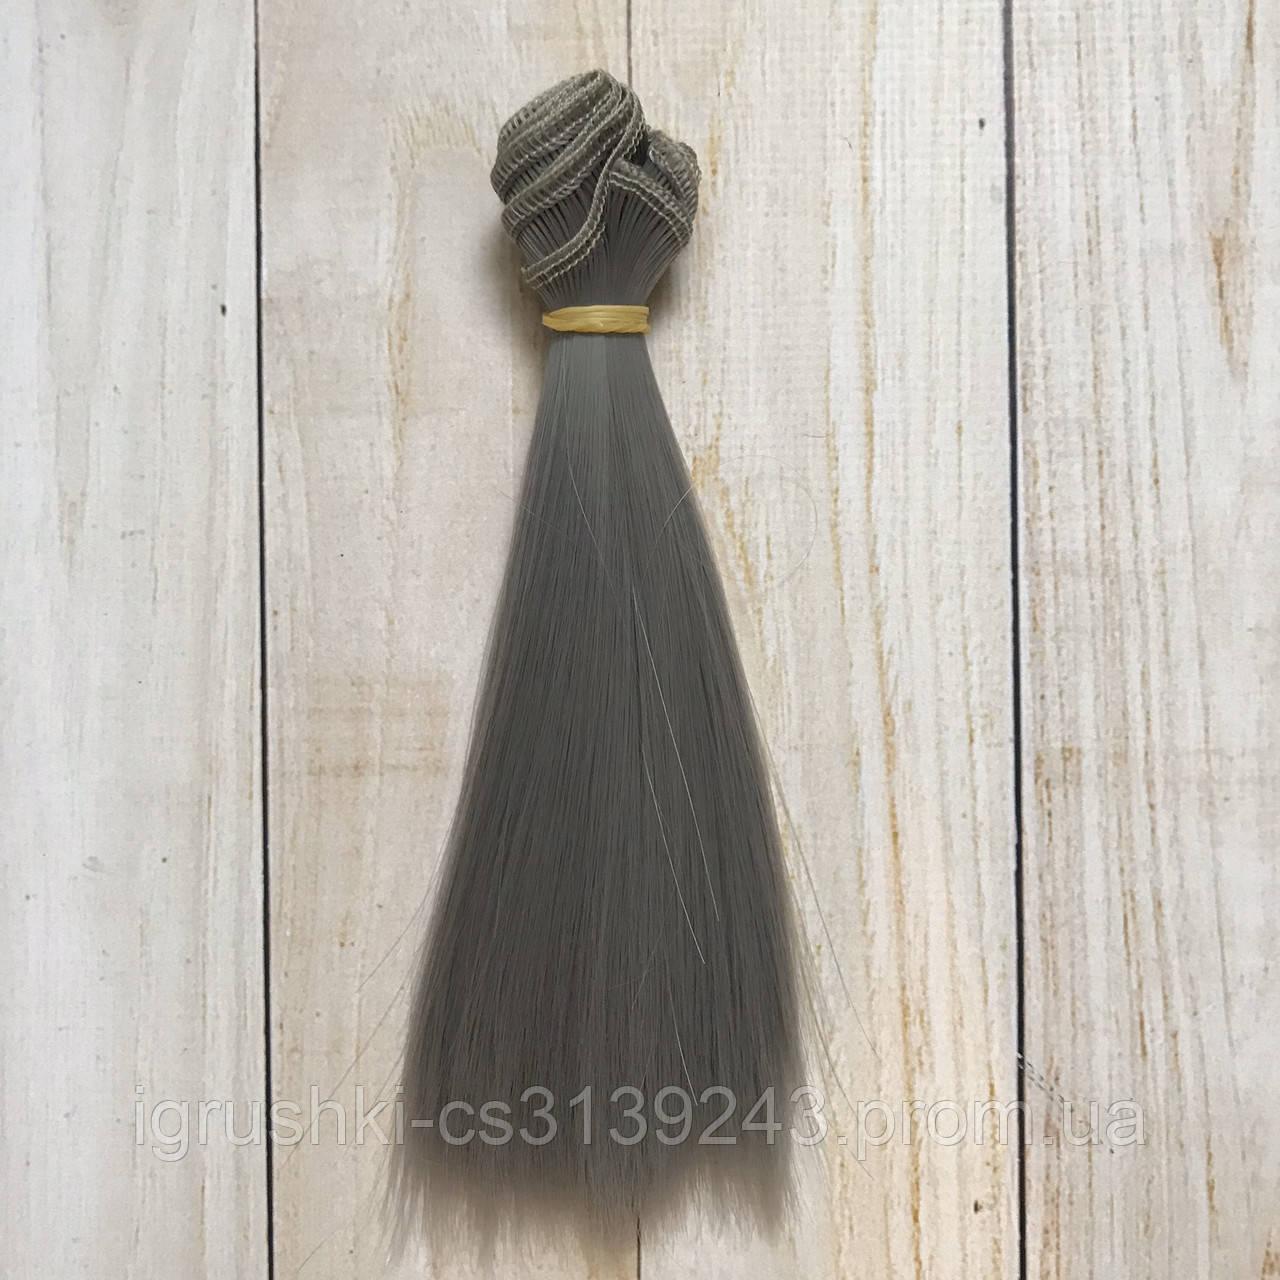 Волосся для ляльок (тресс) 15 * 100 см Колір 18